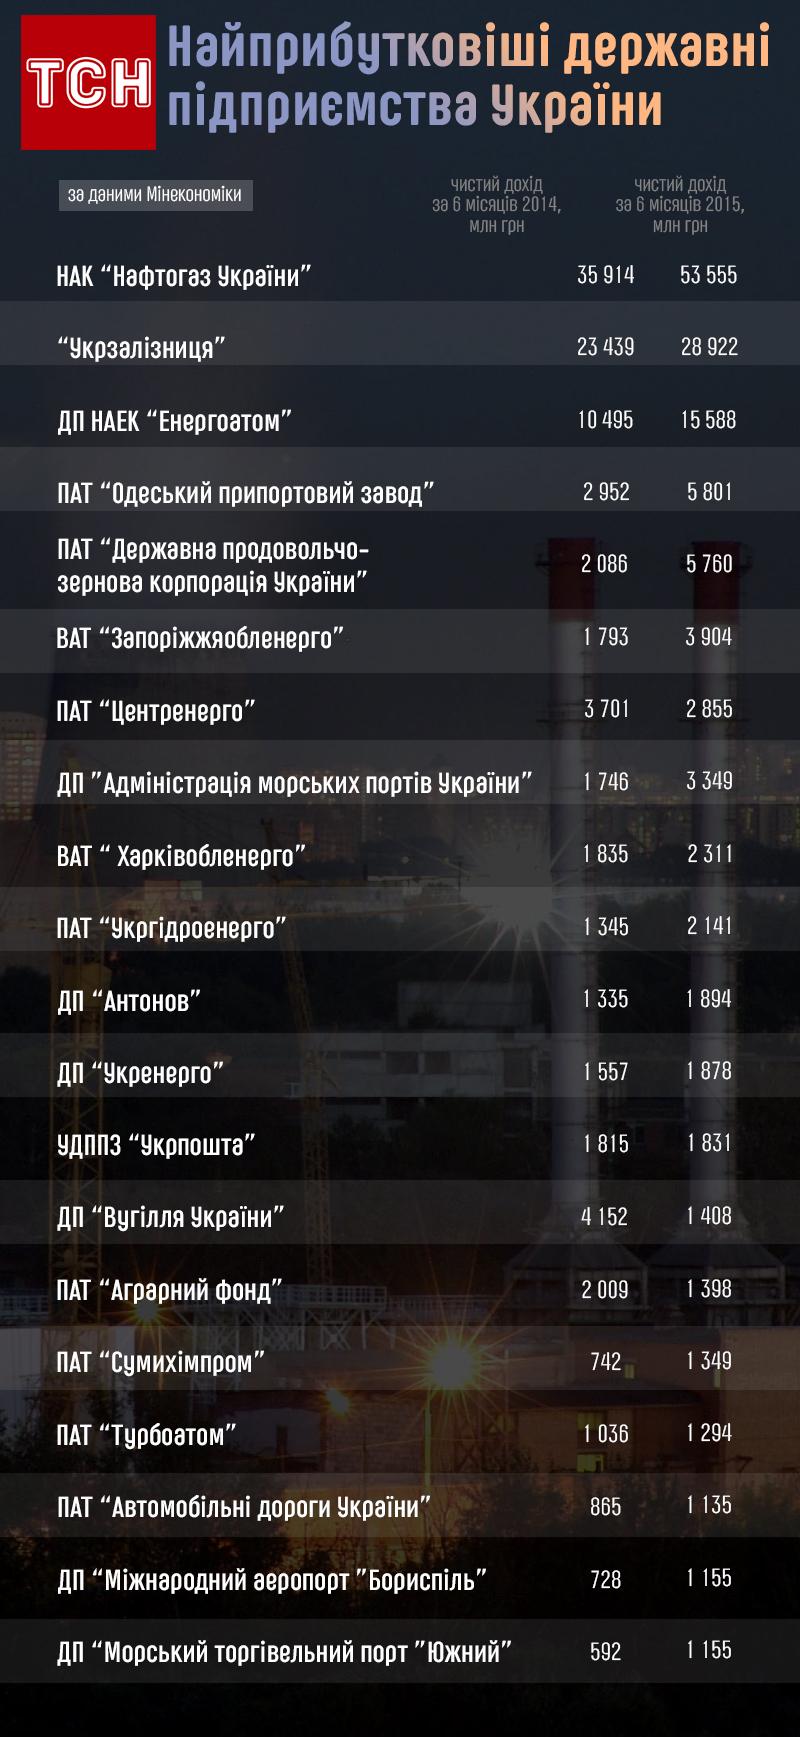 Найприбутковіші підприємства України